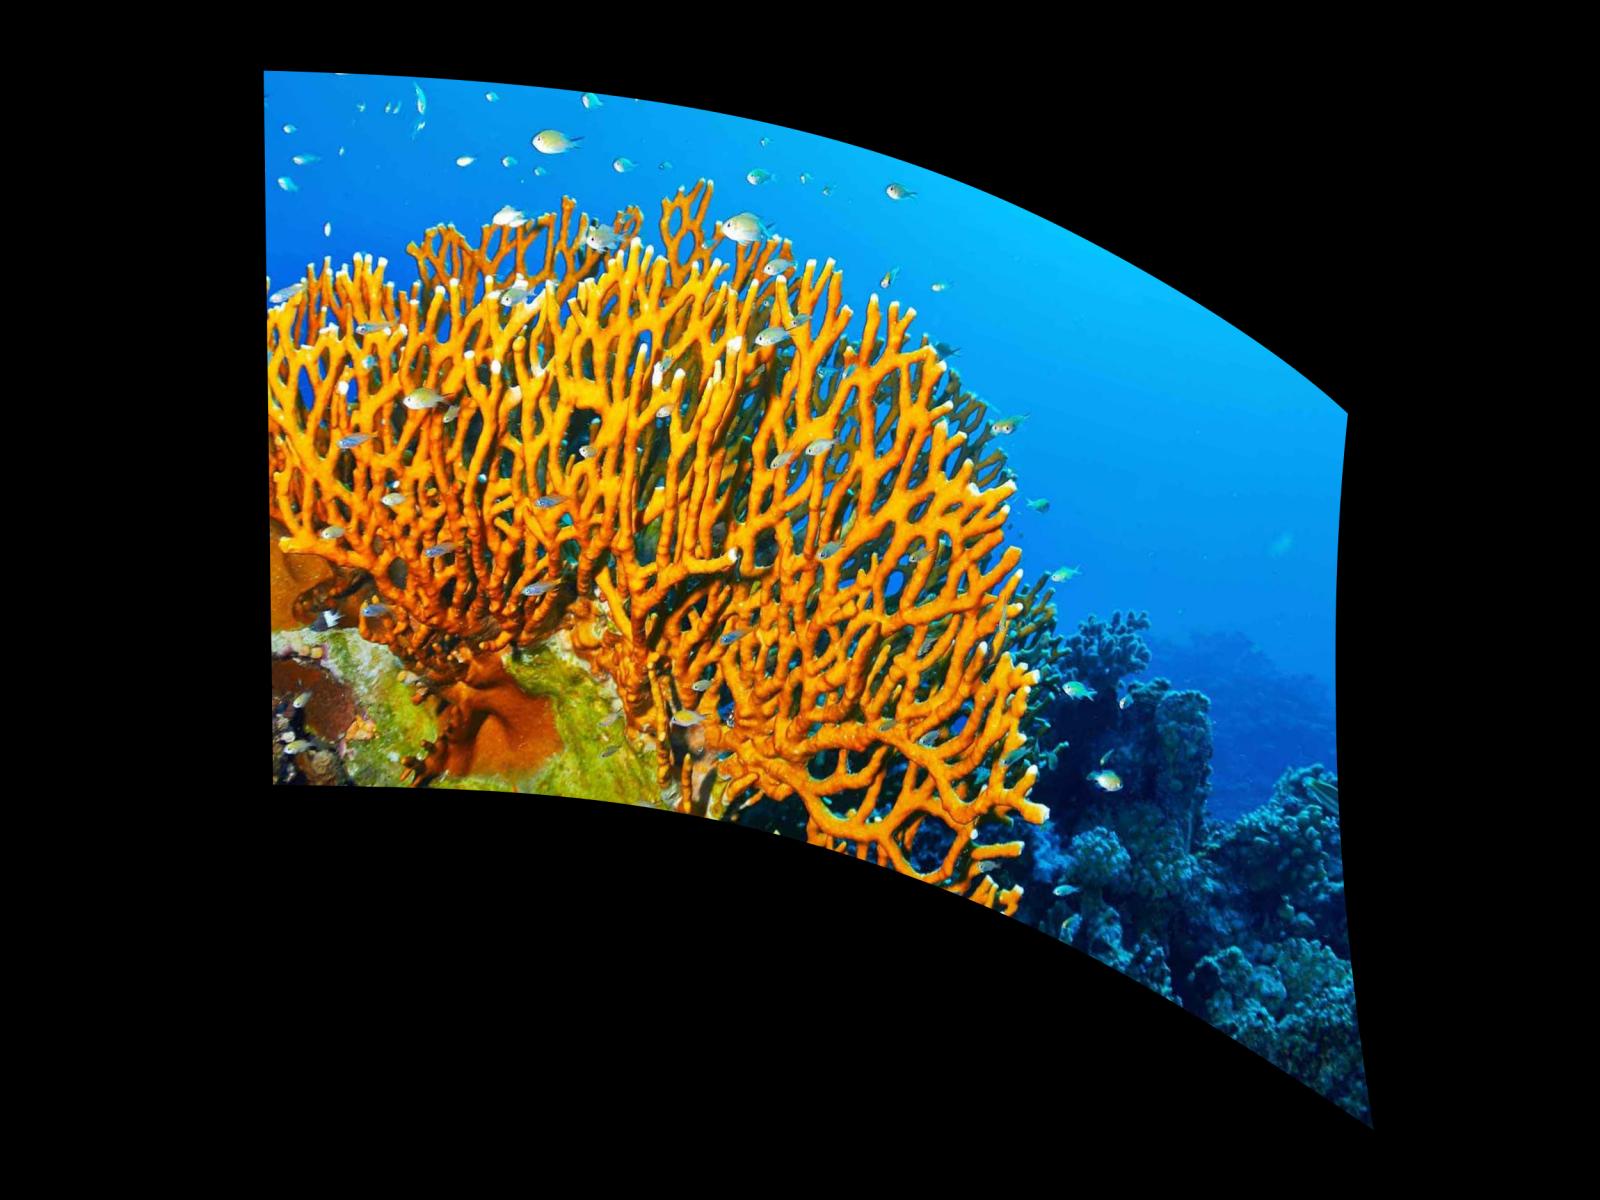 040307s - 36x54 Standard Underwater Coral